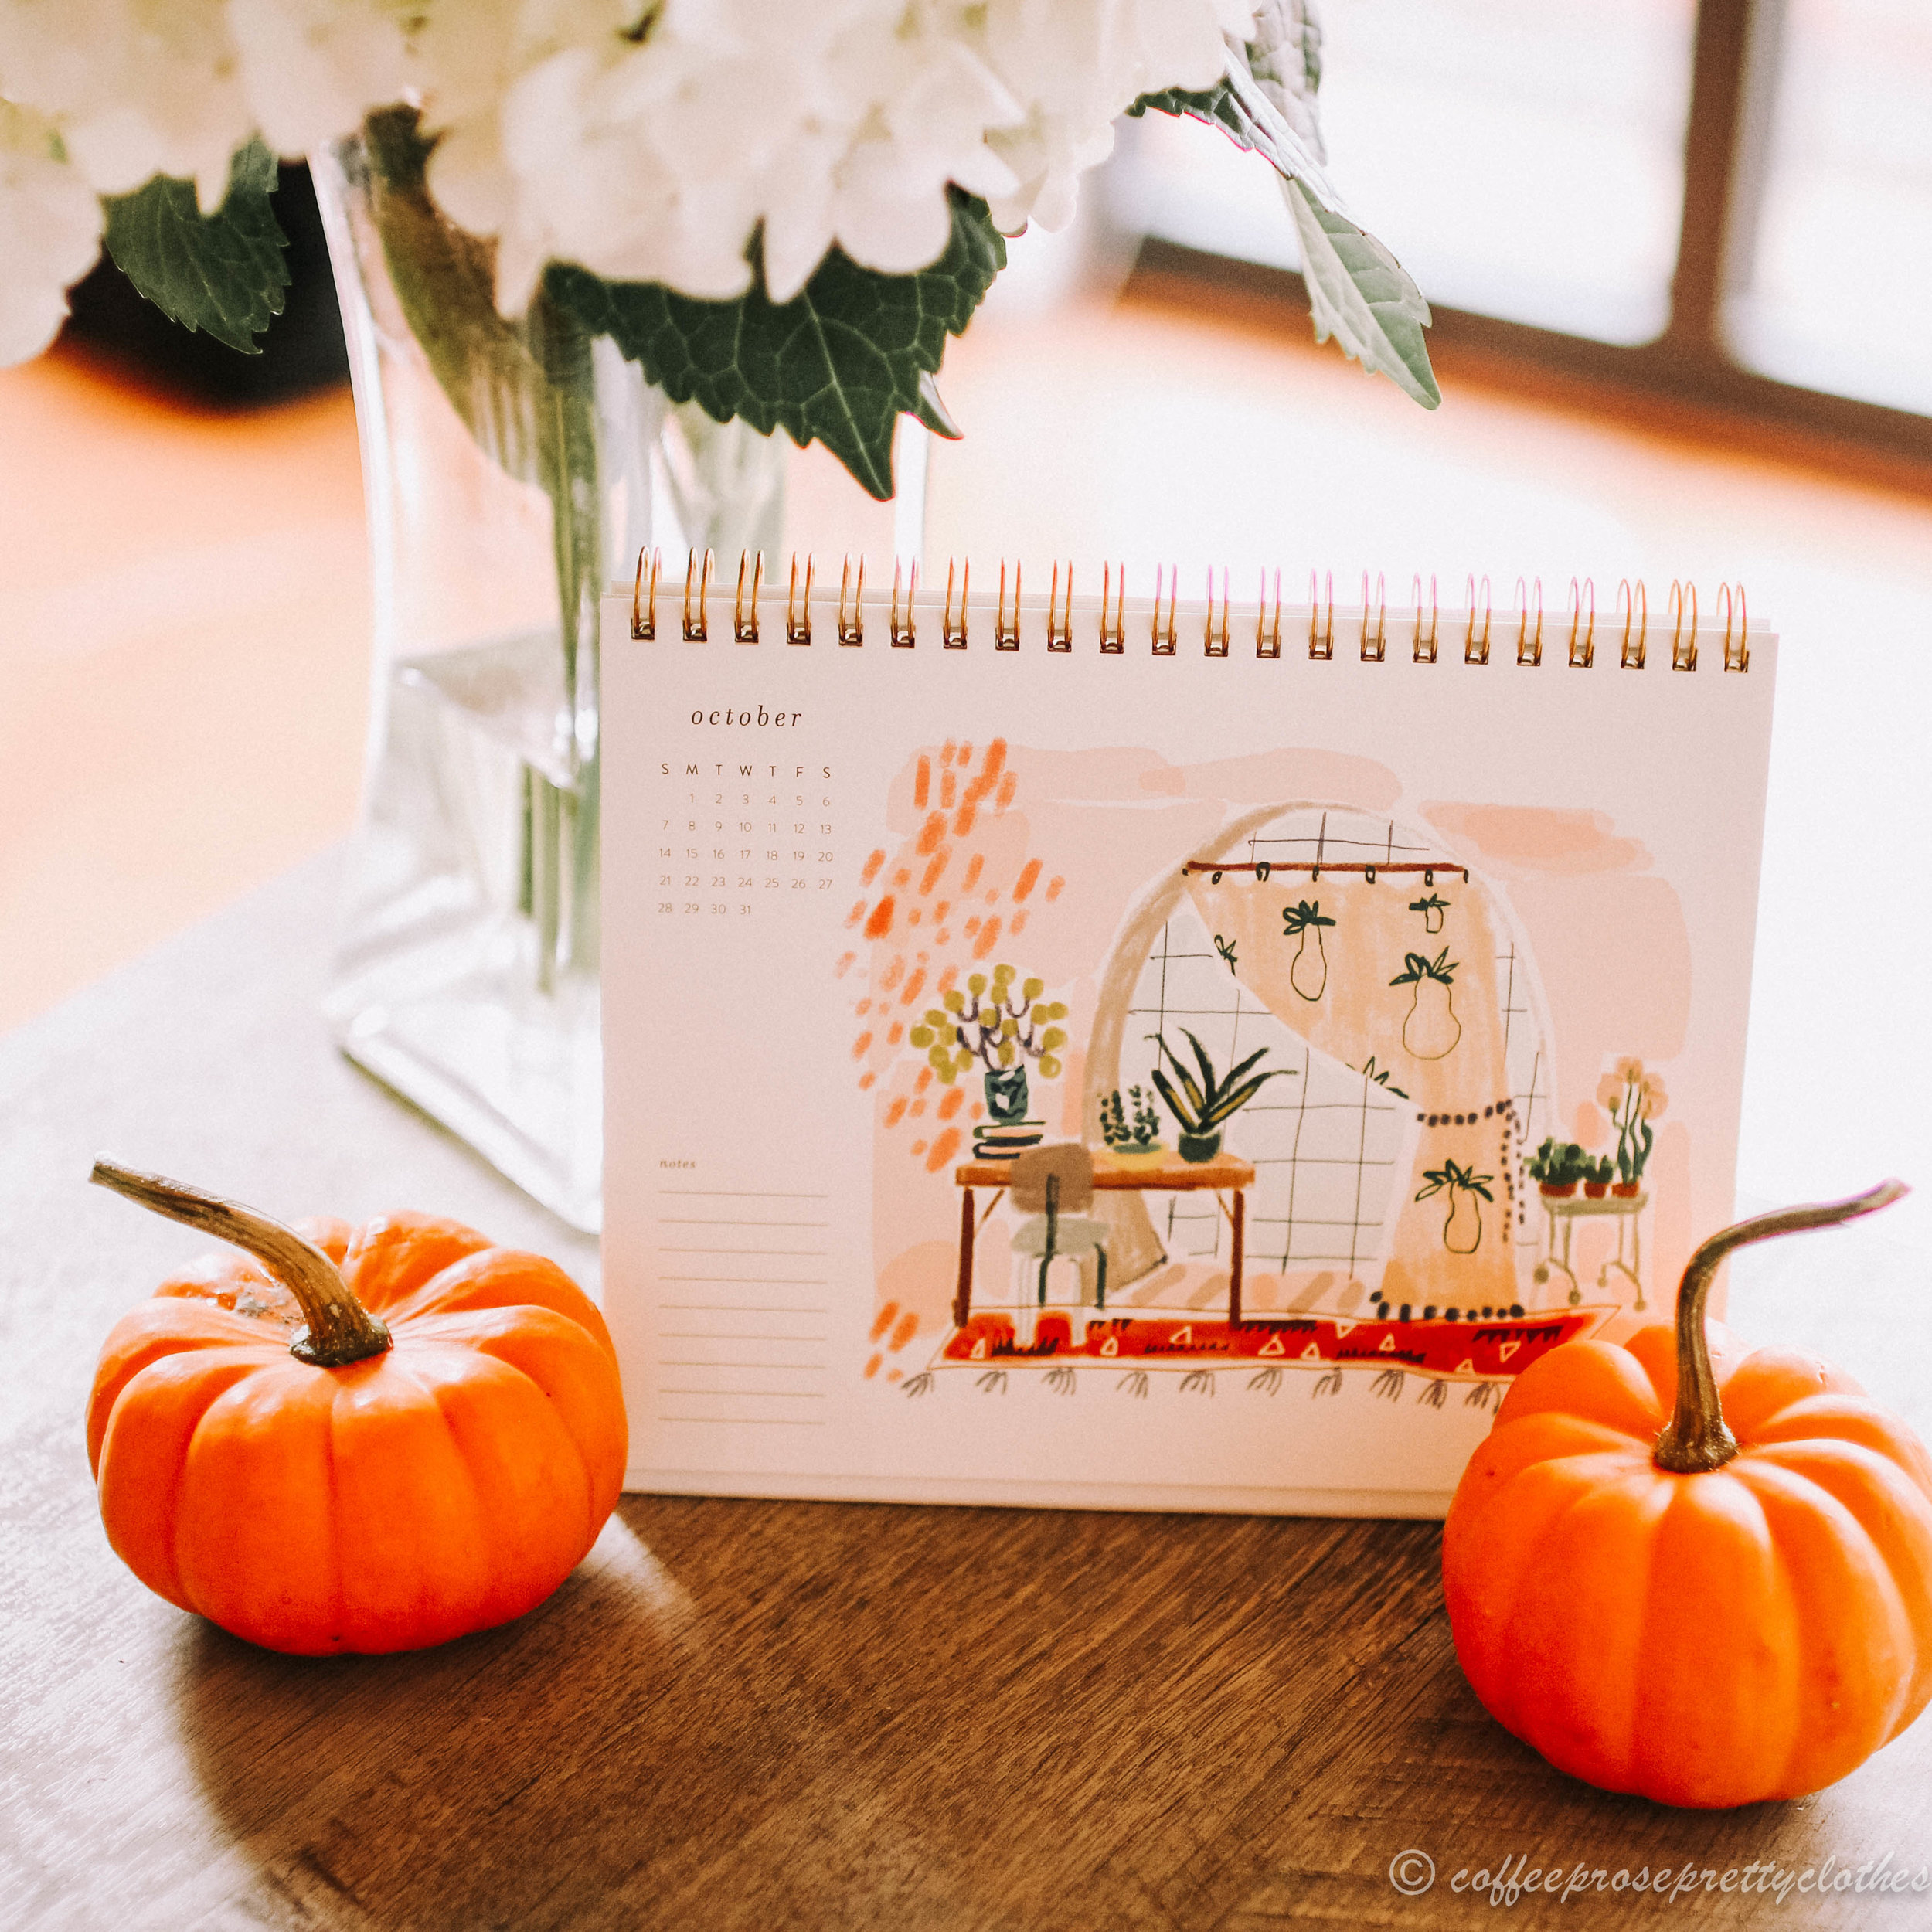 October 2018 Bucket List